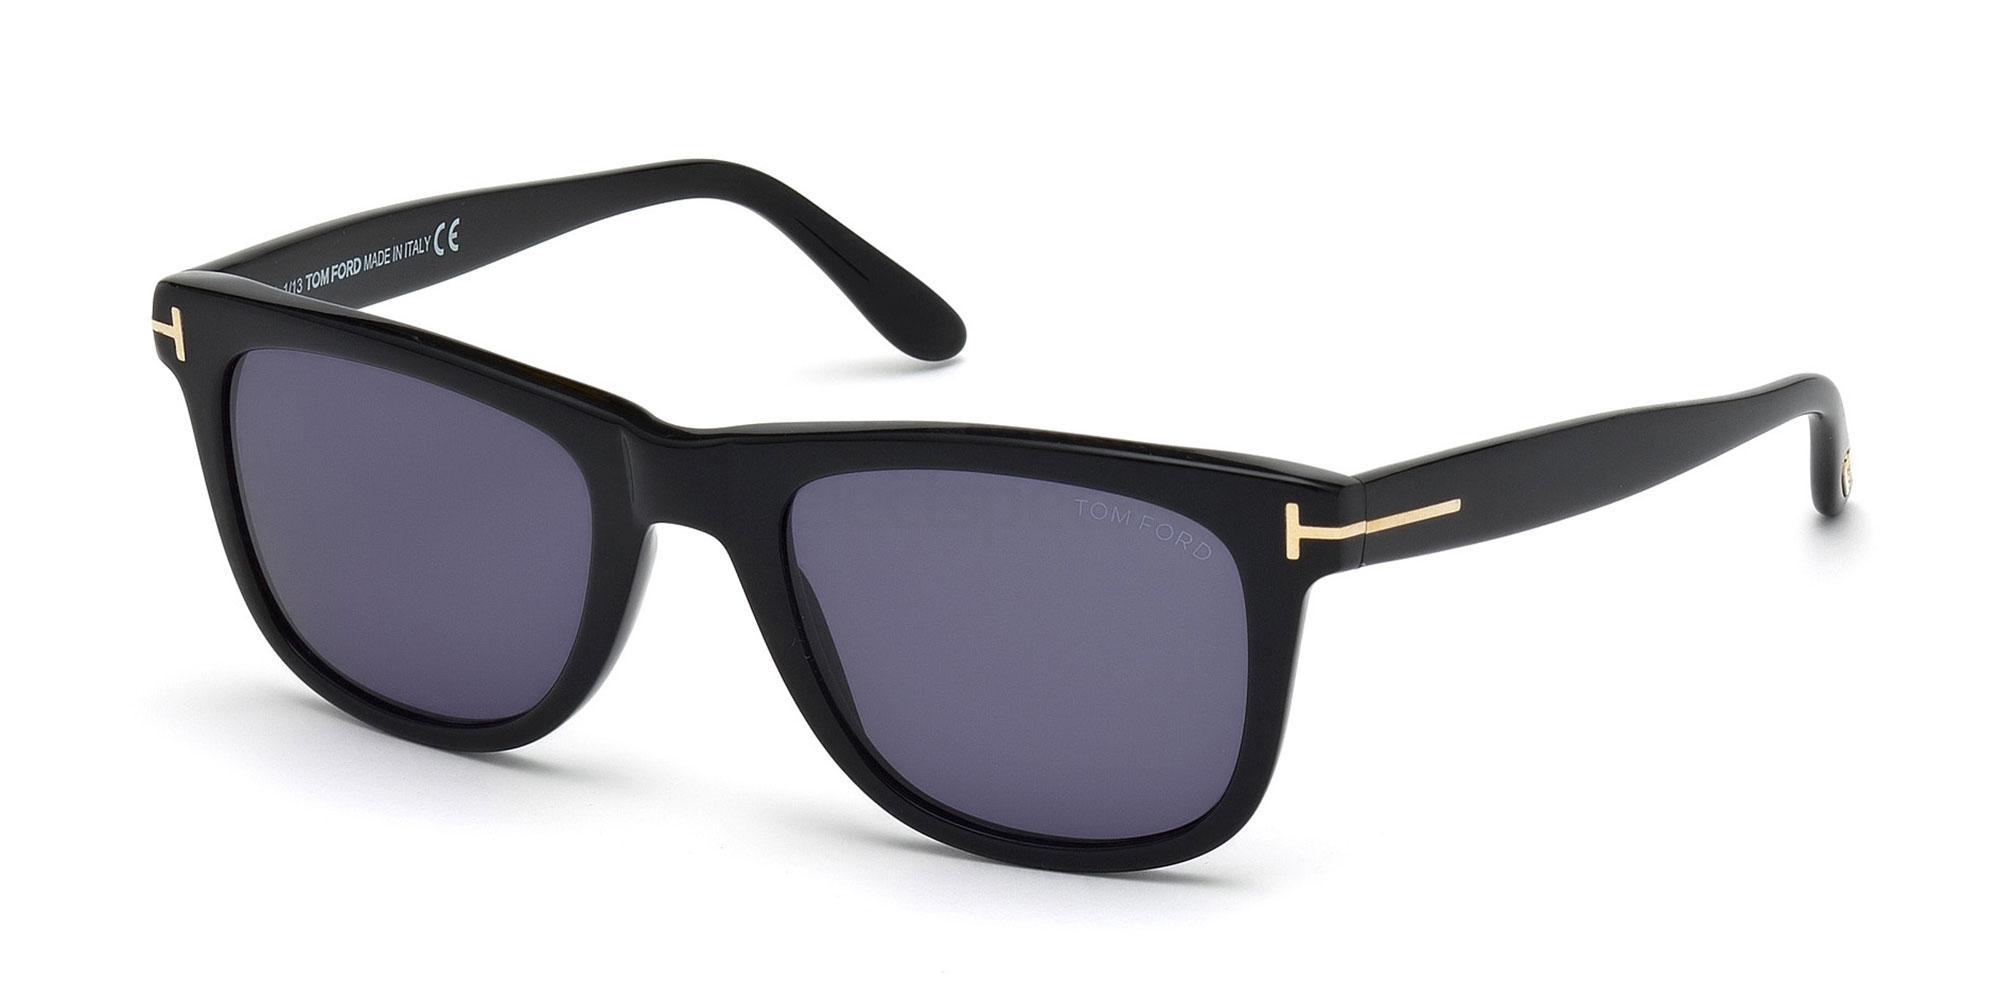 01V FT0336 LEO Sunglasses, Tom Ford